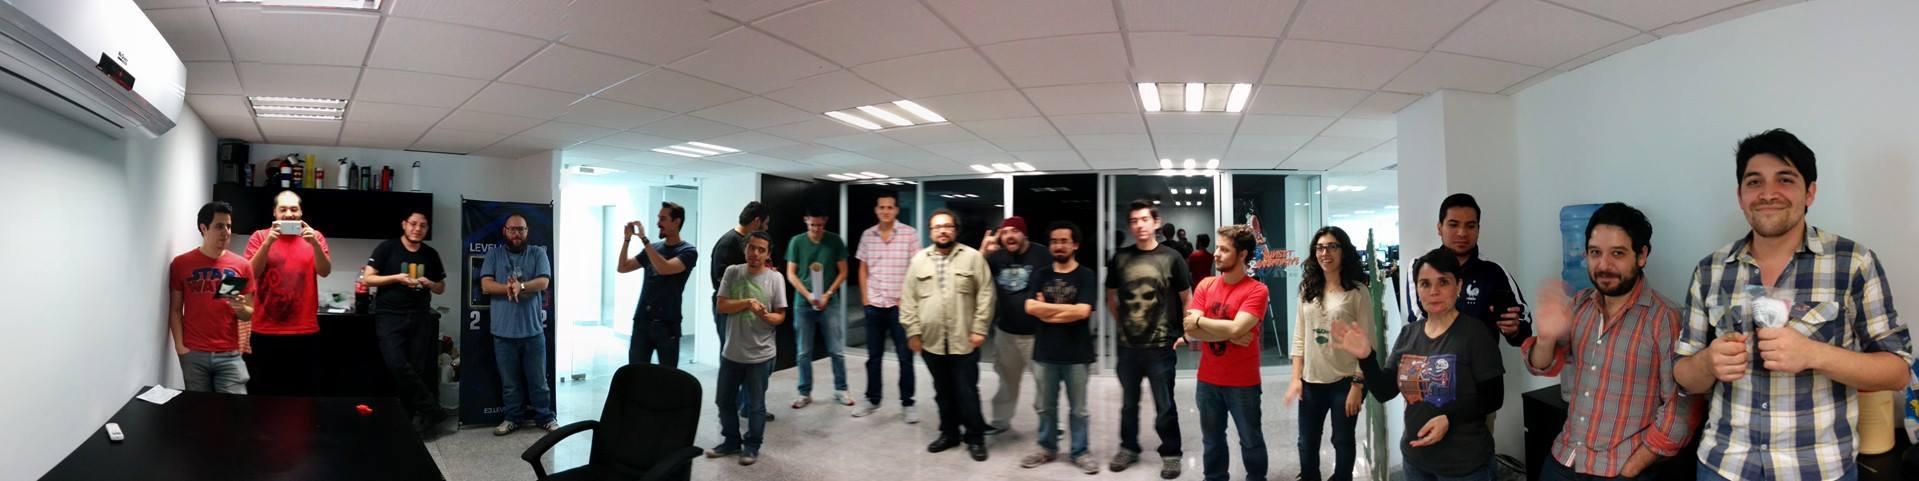 El Staff en una nueva oficina